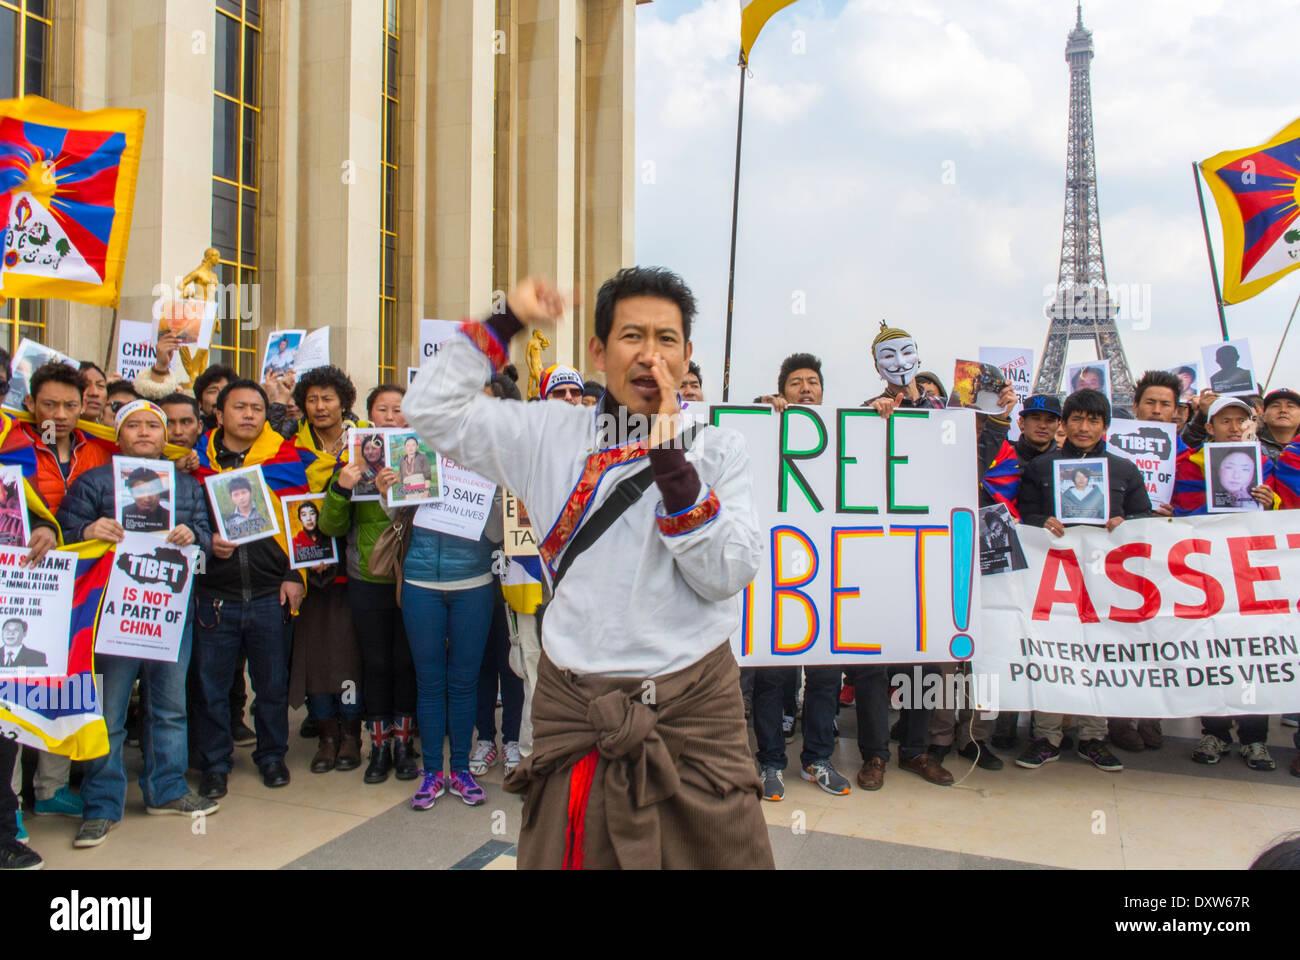 Il Tibetano, Taiwanese comunità etniche della Francia e amici chiamato per i cittadini francesi di mobilitare durante la visita del Presidente cinese a Parigi, azienda segni di protesta, dei diritti dei cittadini proteste Foto Stock